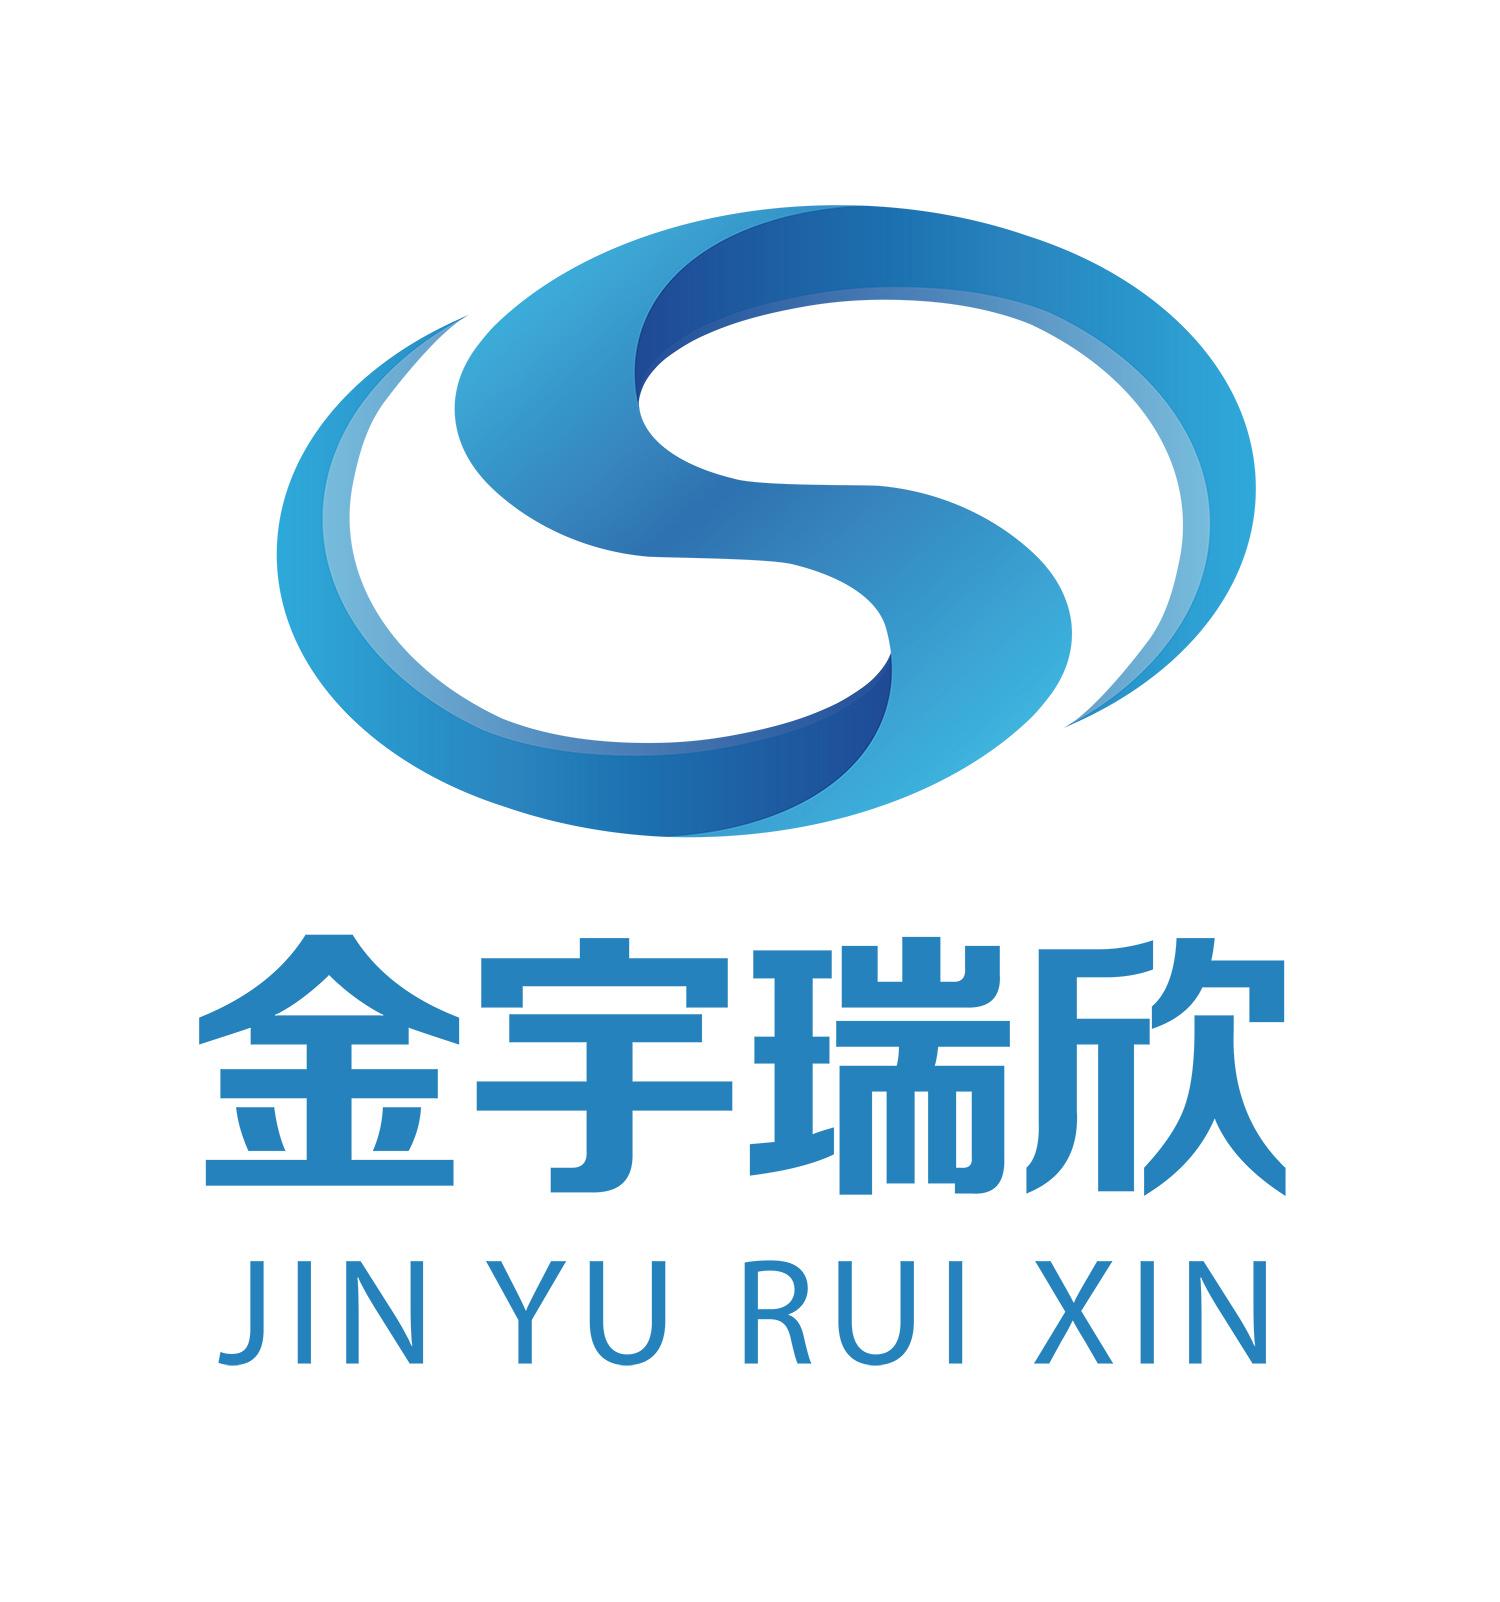 北京金宇瑞欣贸易有限公司